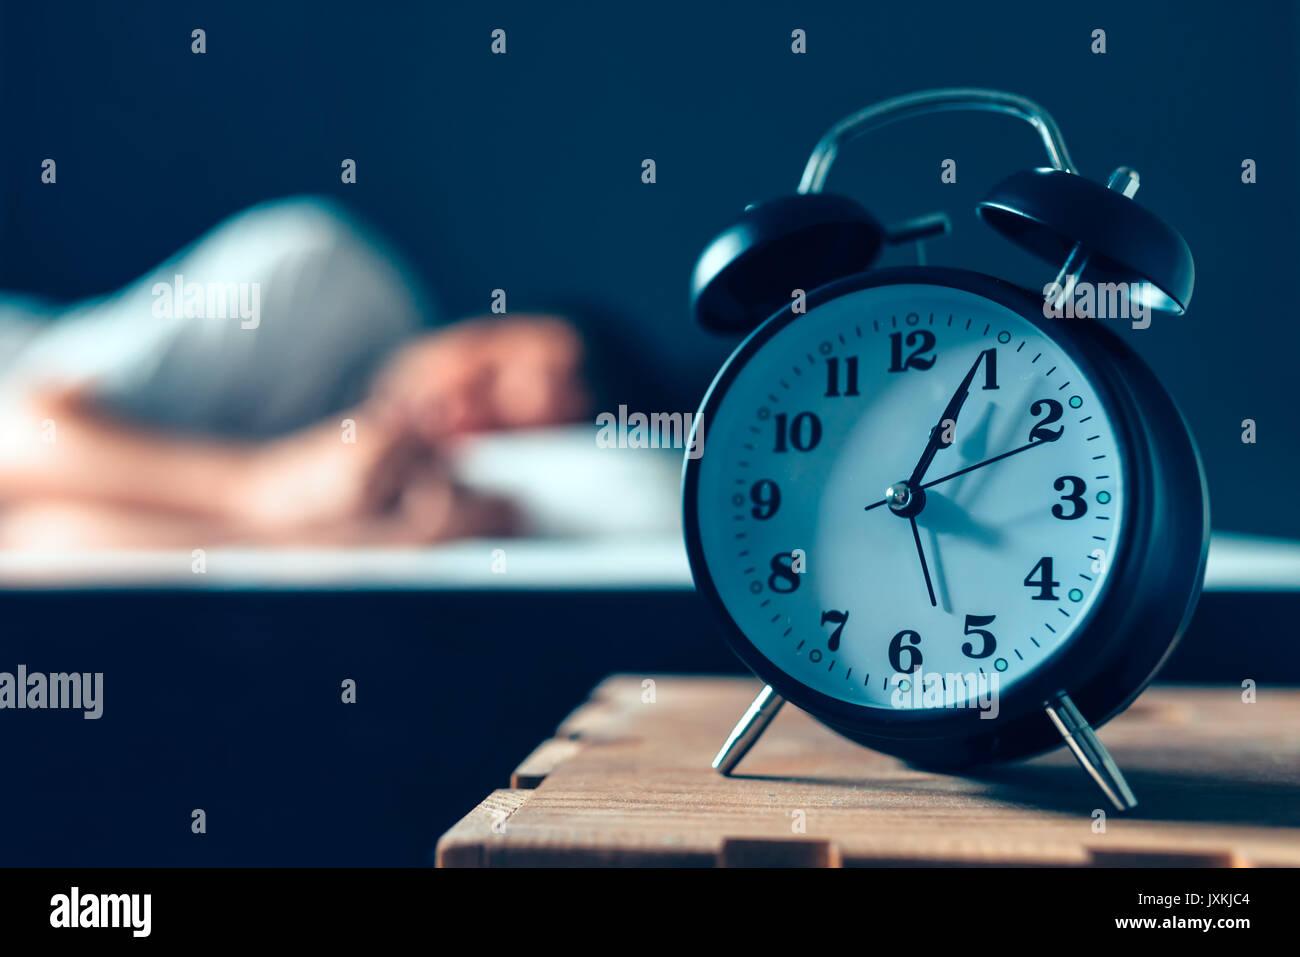 Schlafstorungen Oder Schlaflosigkeit Konzept Selektiver Fokus Der